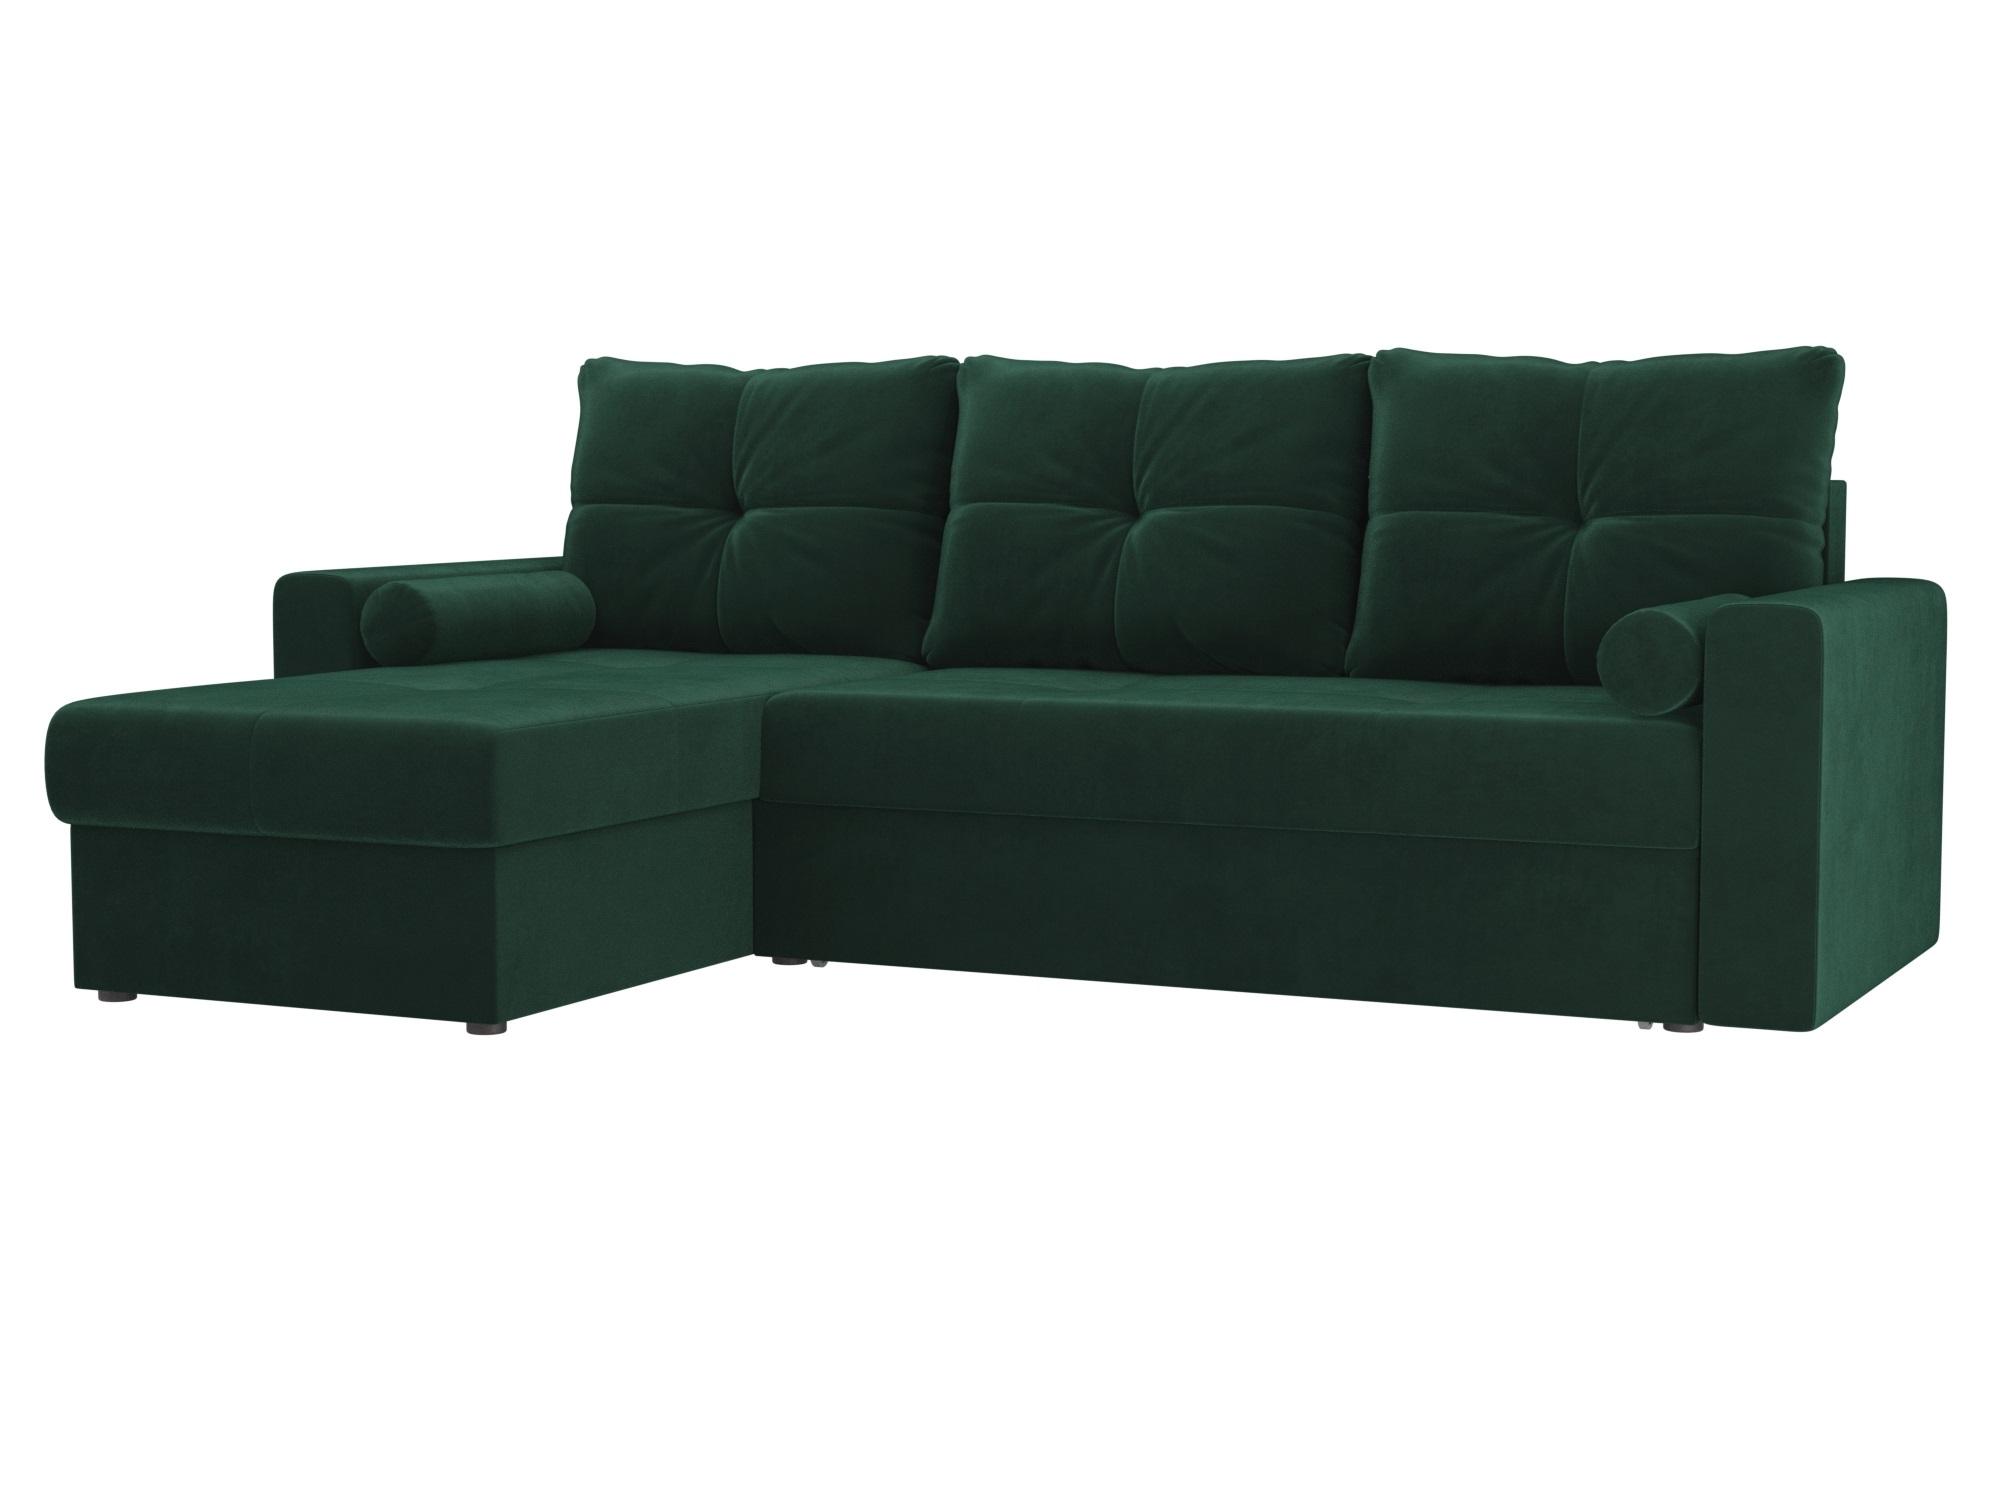 Угловой диван Верона левый MebelVia Зеленый